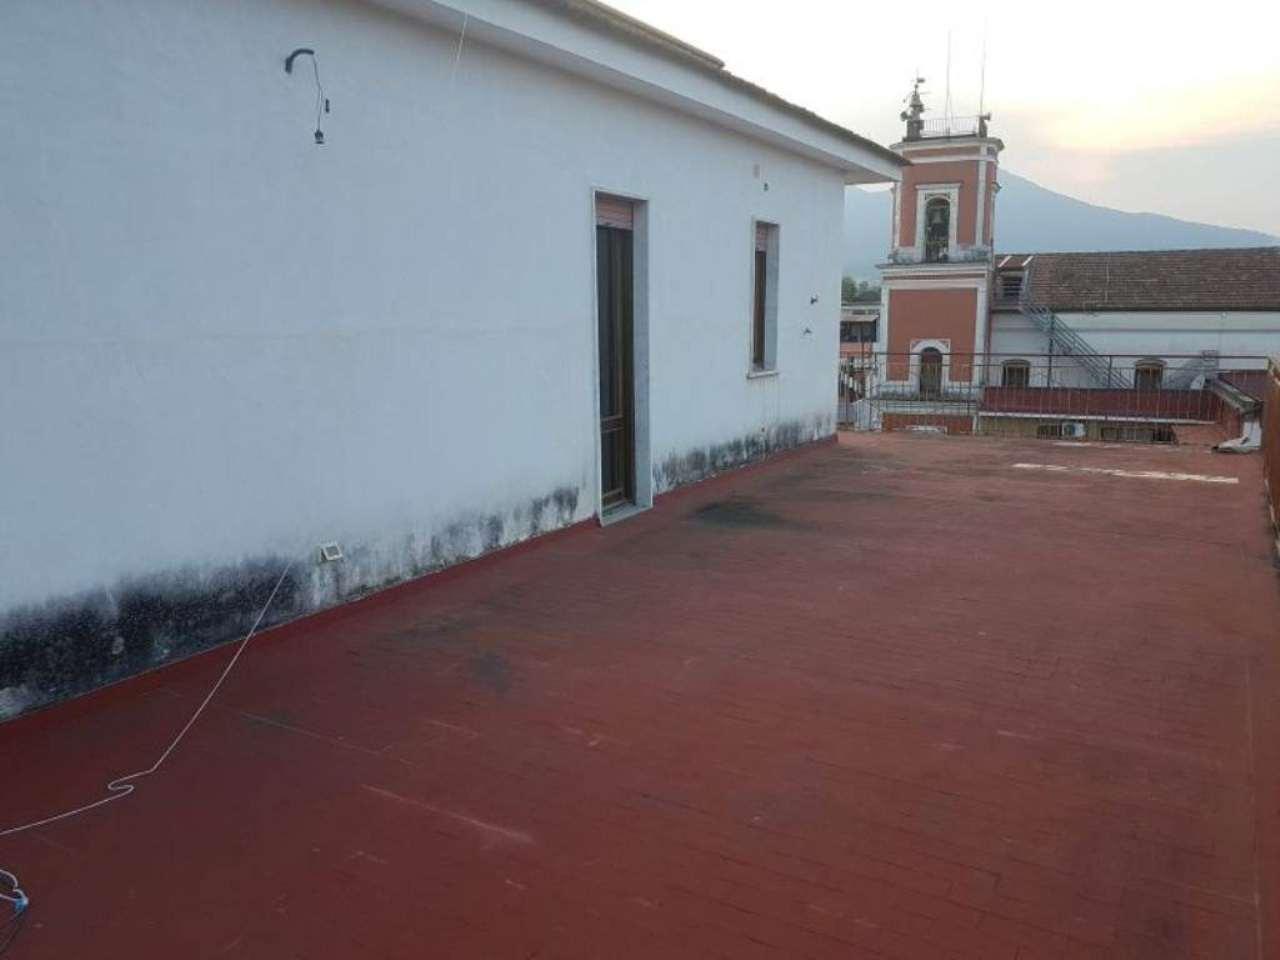 Palazzo / Stabile in vendita a Poggiomarino, 4 locali, prezzo € 120.000 | Cambio Casa.it